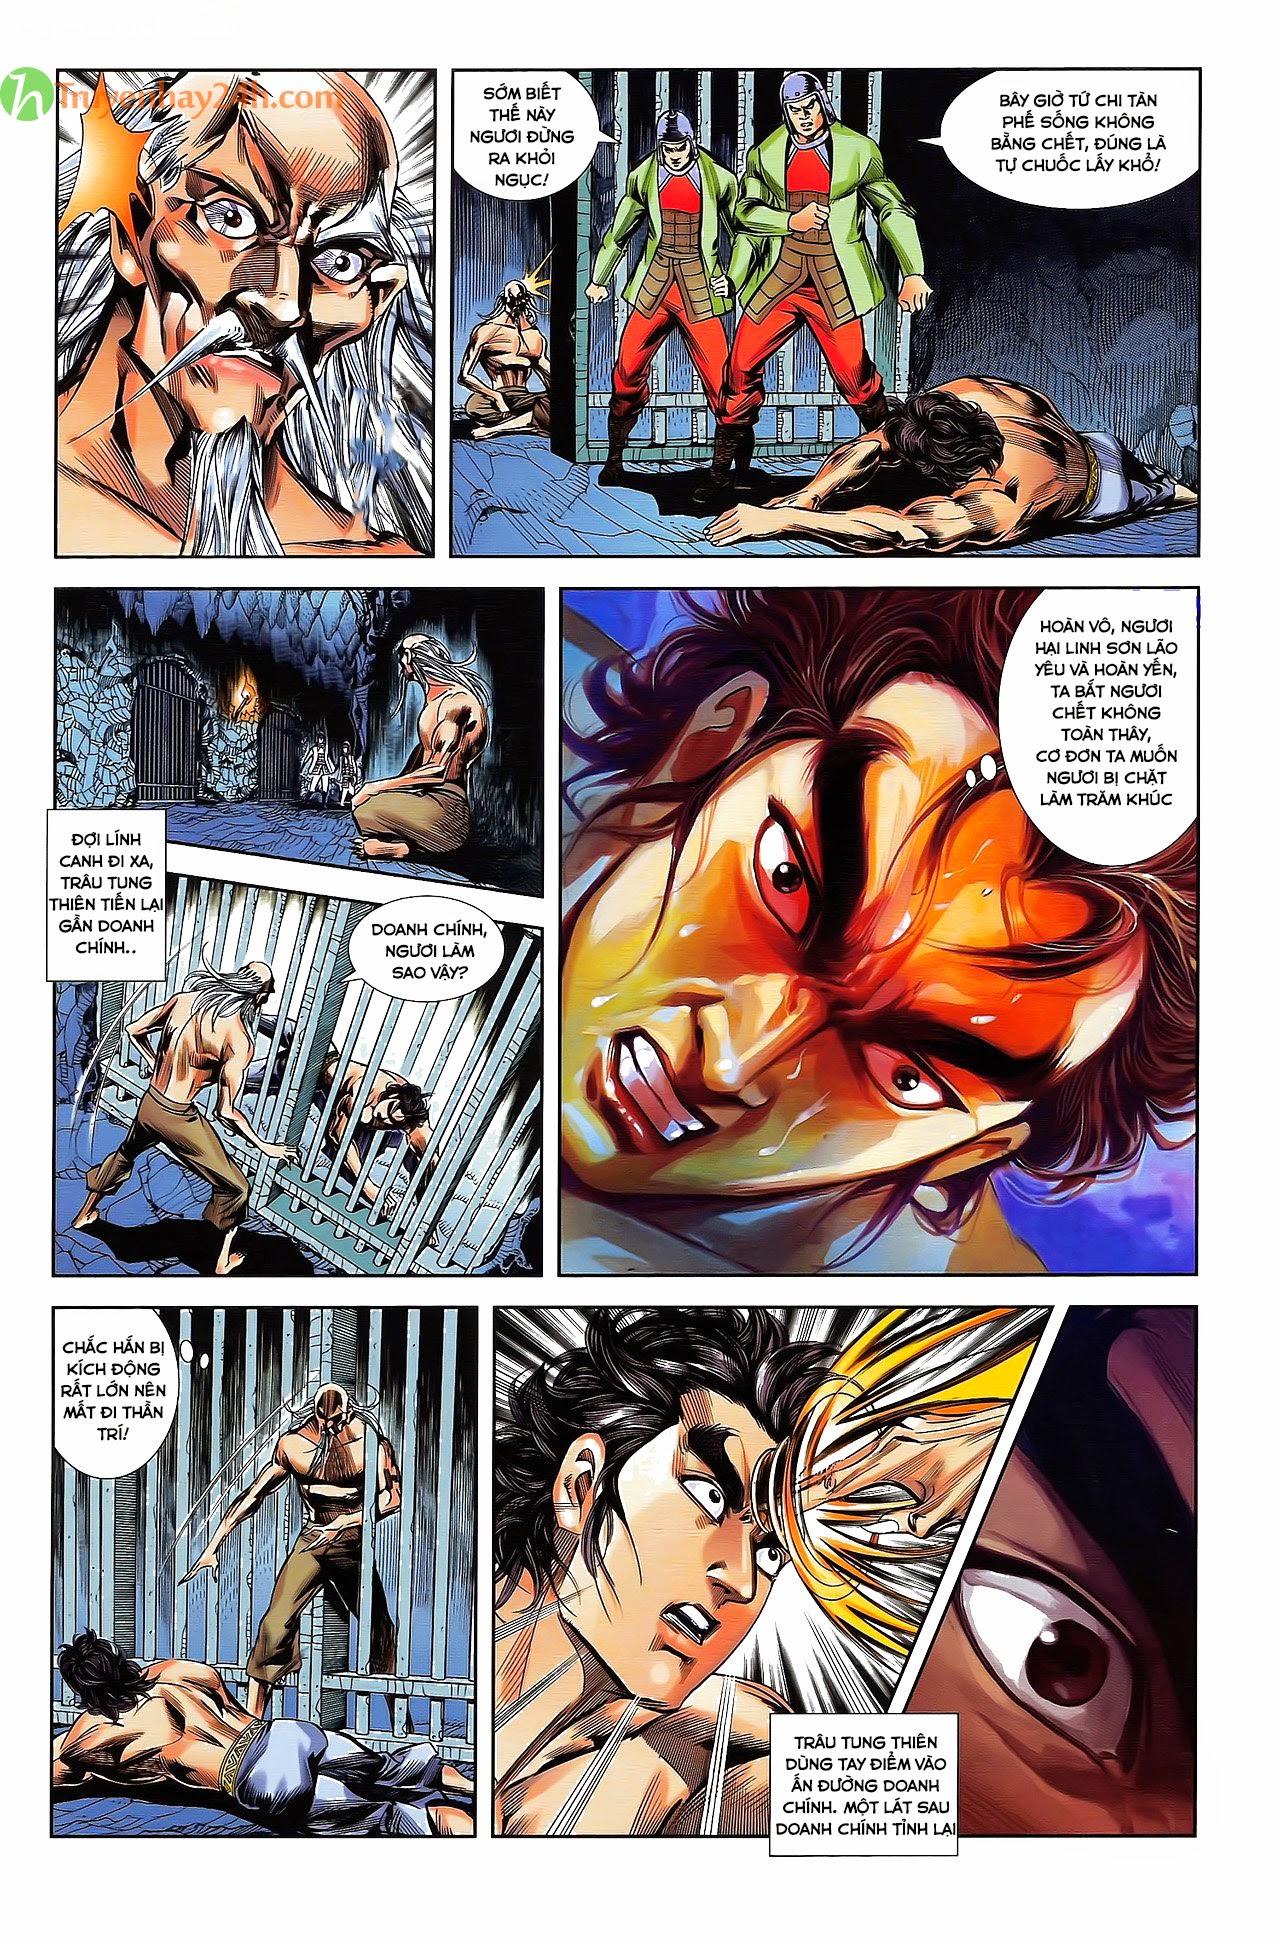 Tần Vương Doanh Chính chapter 30 trang 10